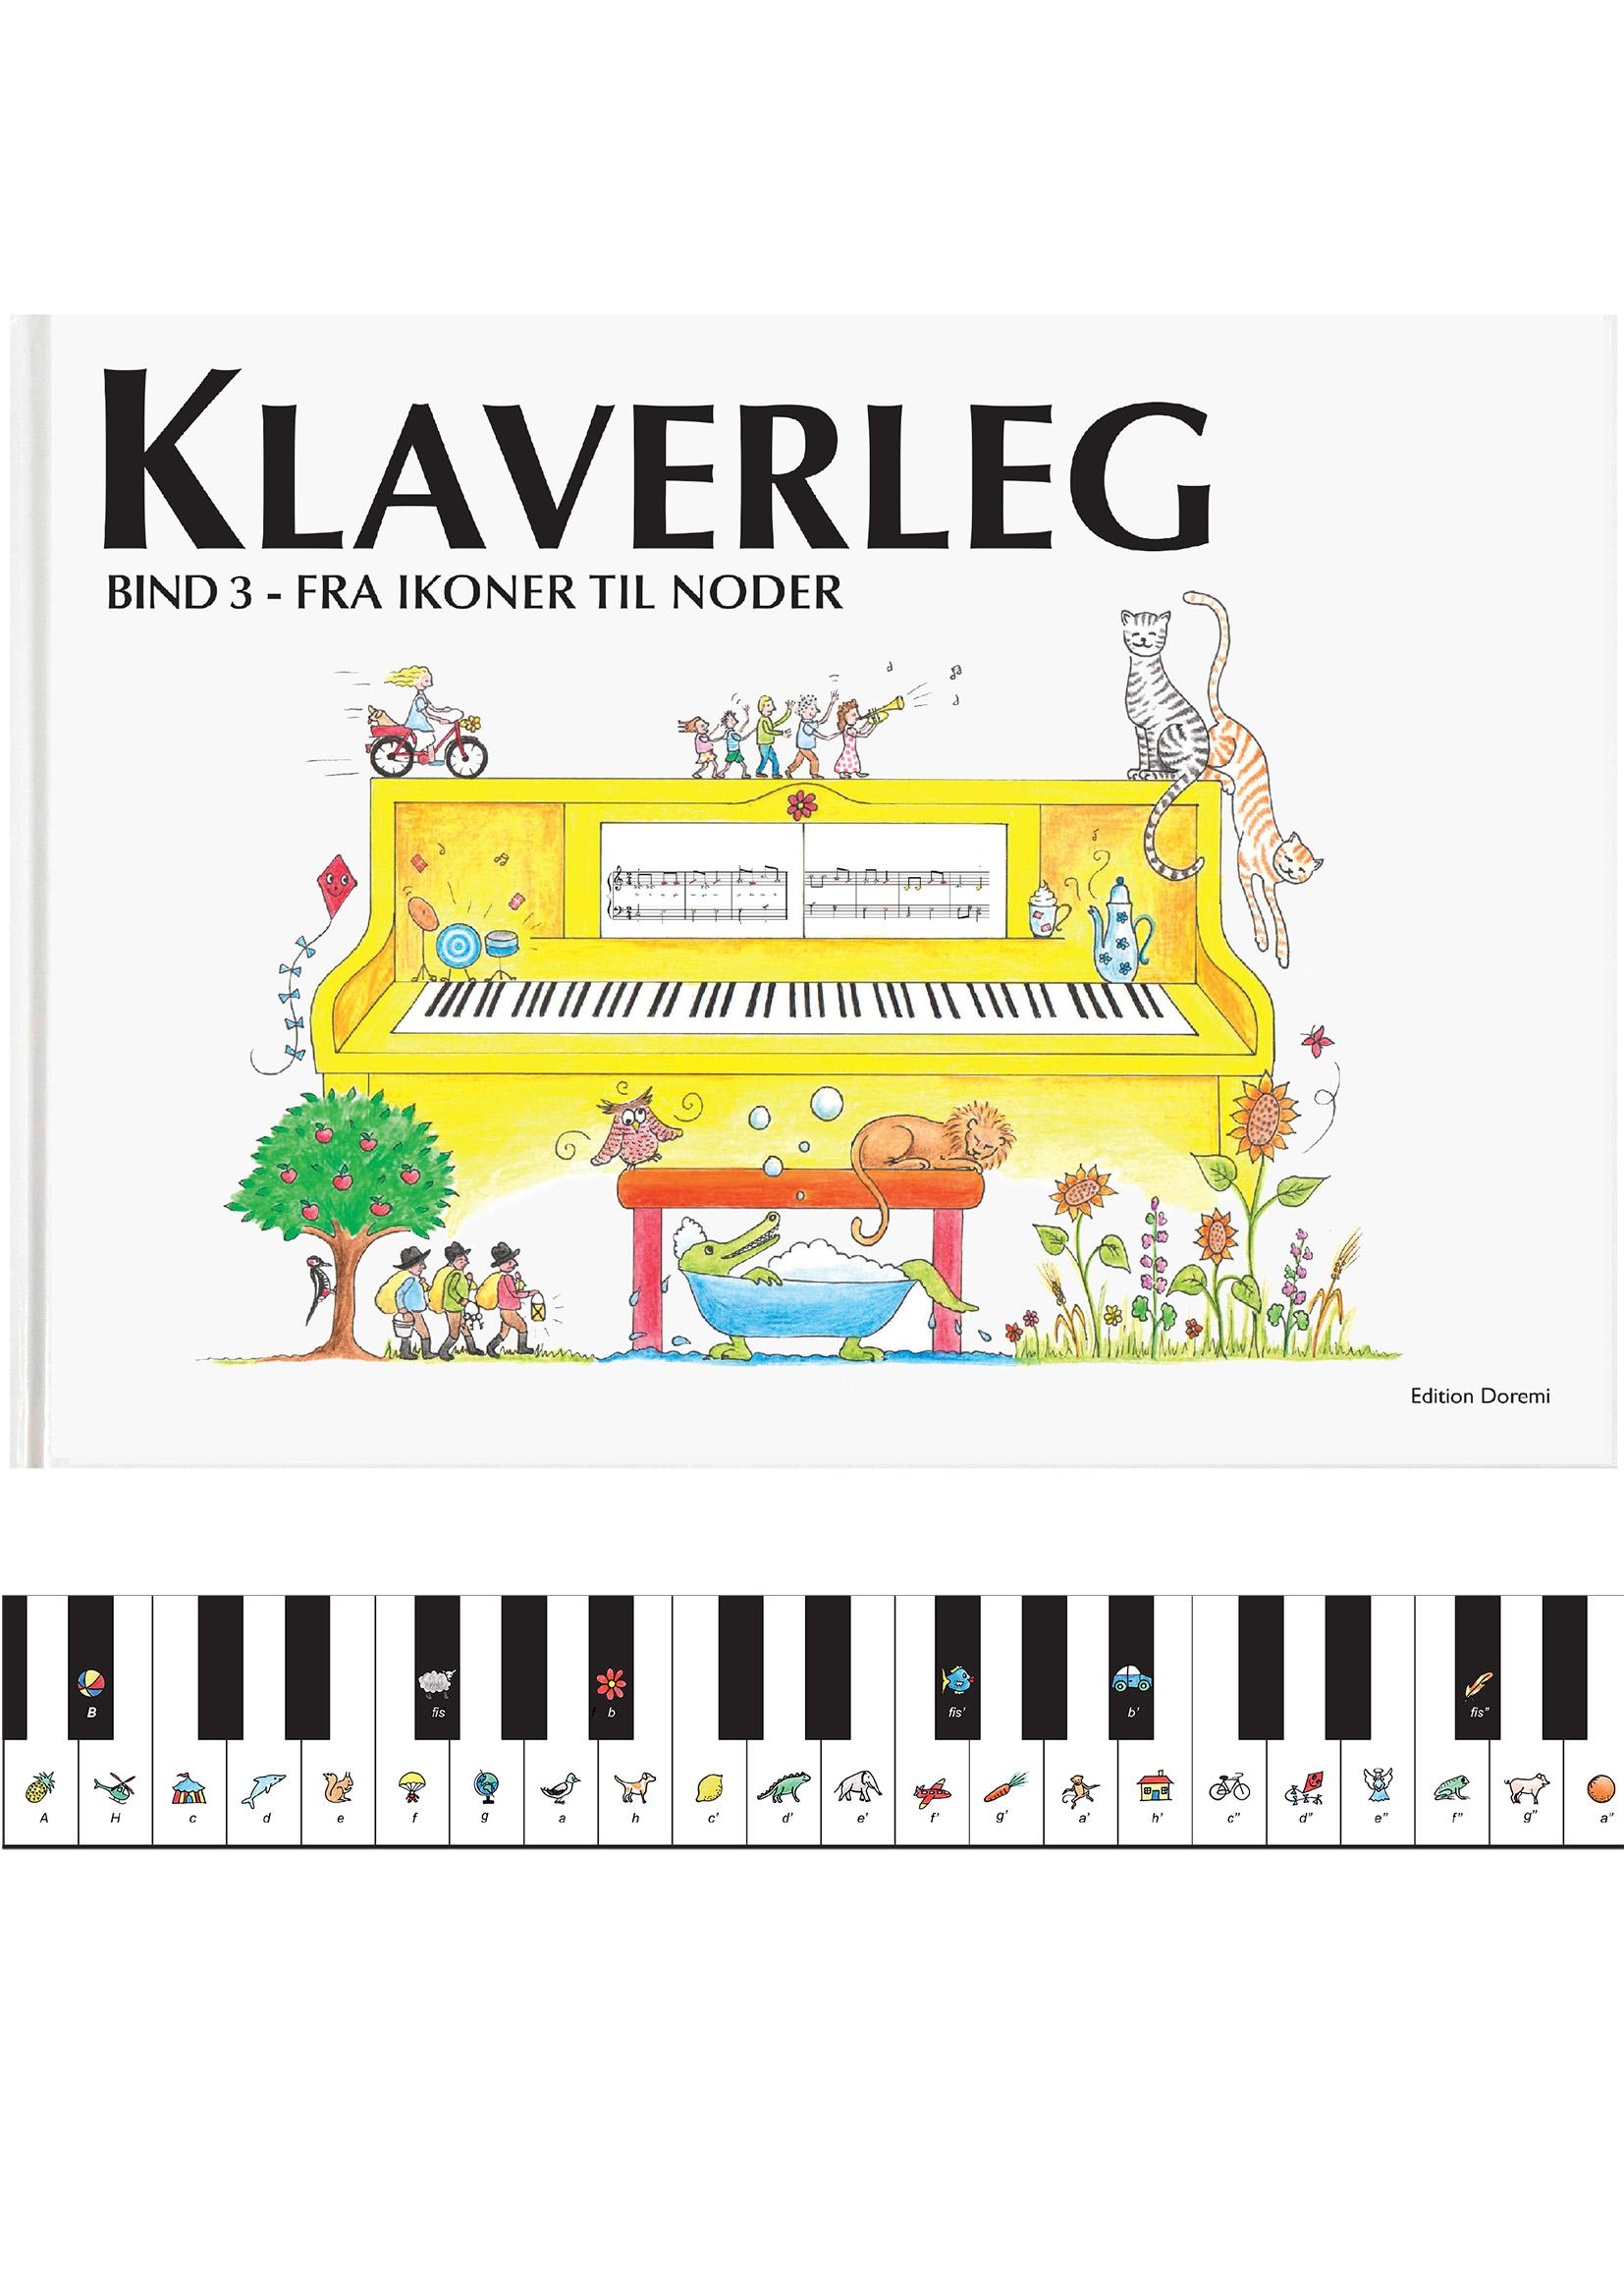 Klaverleg bind 3, fra ikoner til noder (gul)